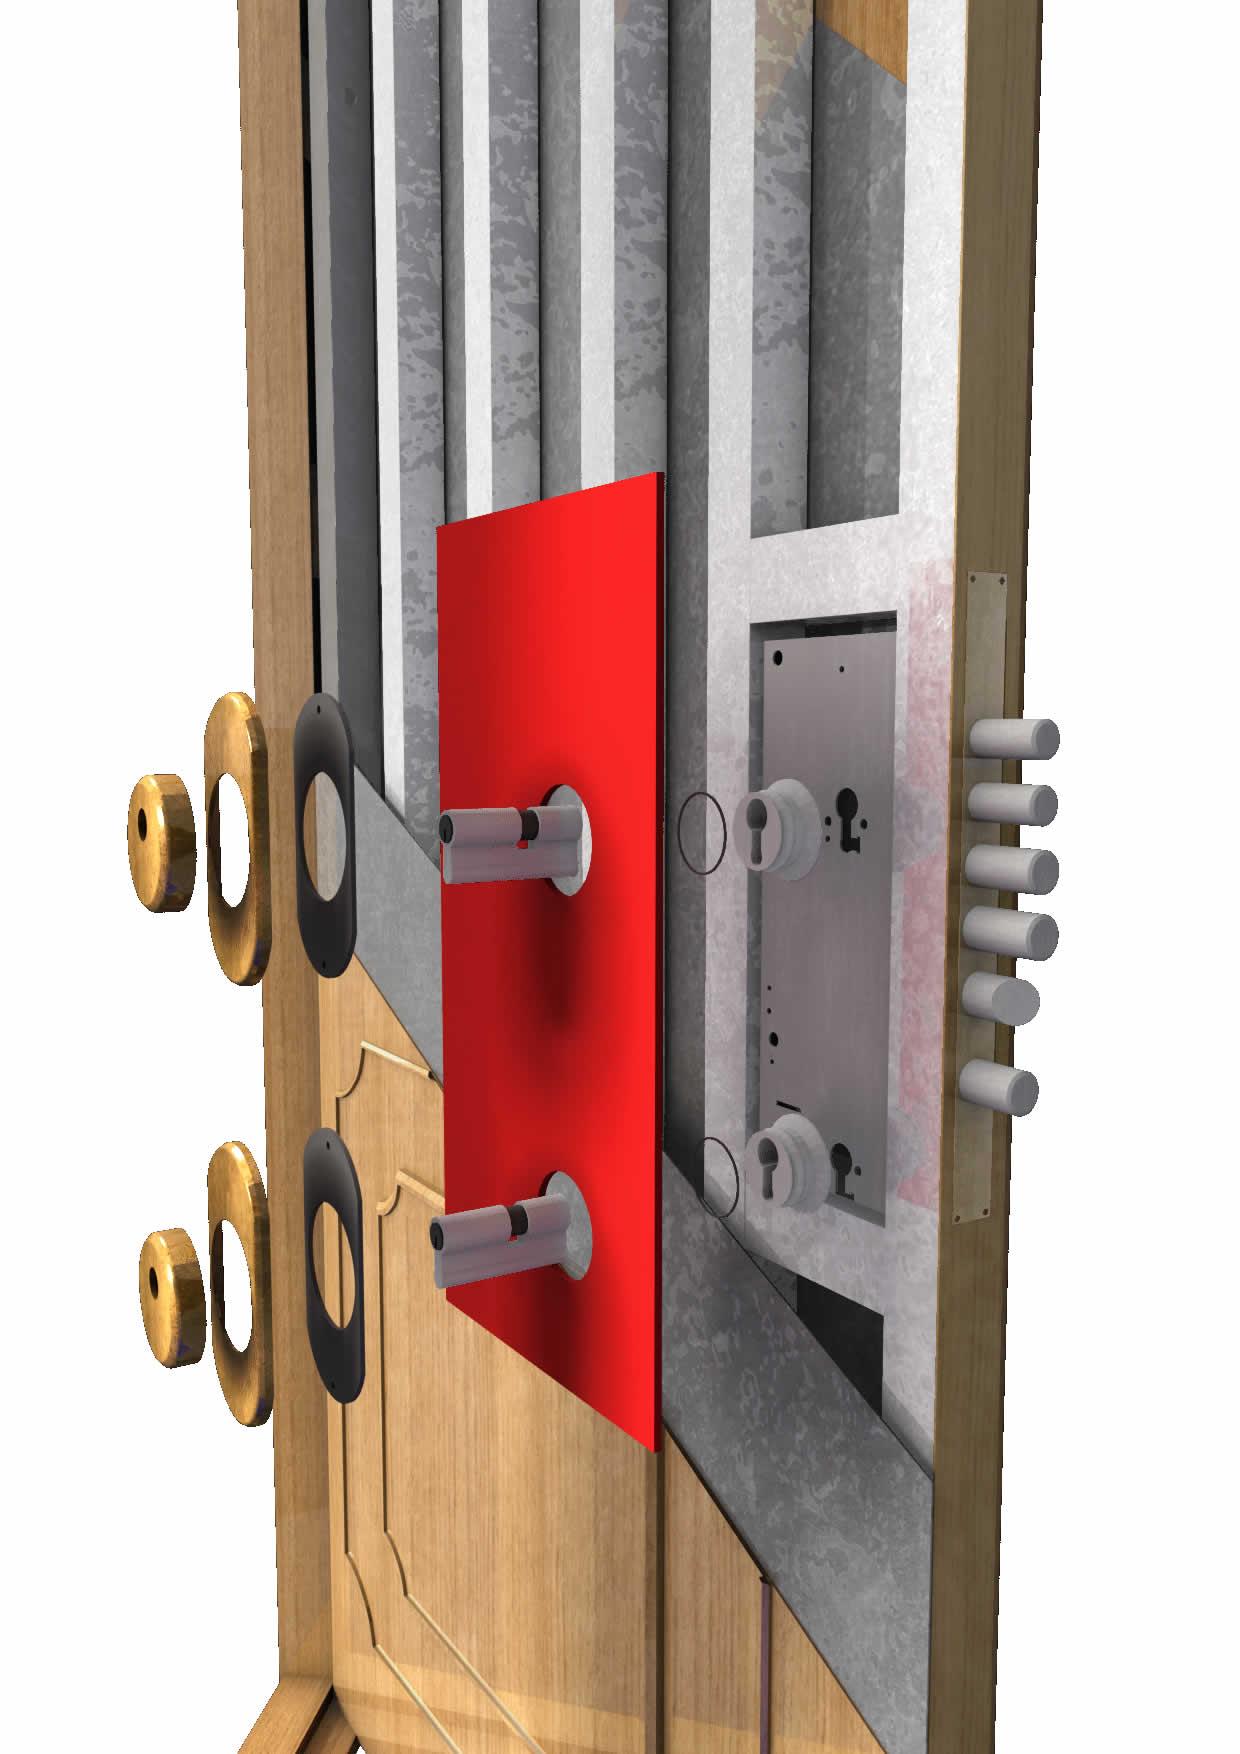 Cerraduras de seguridad para puertas en panama